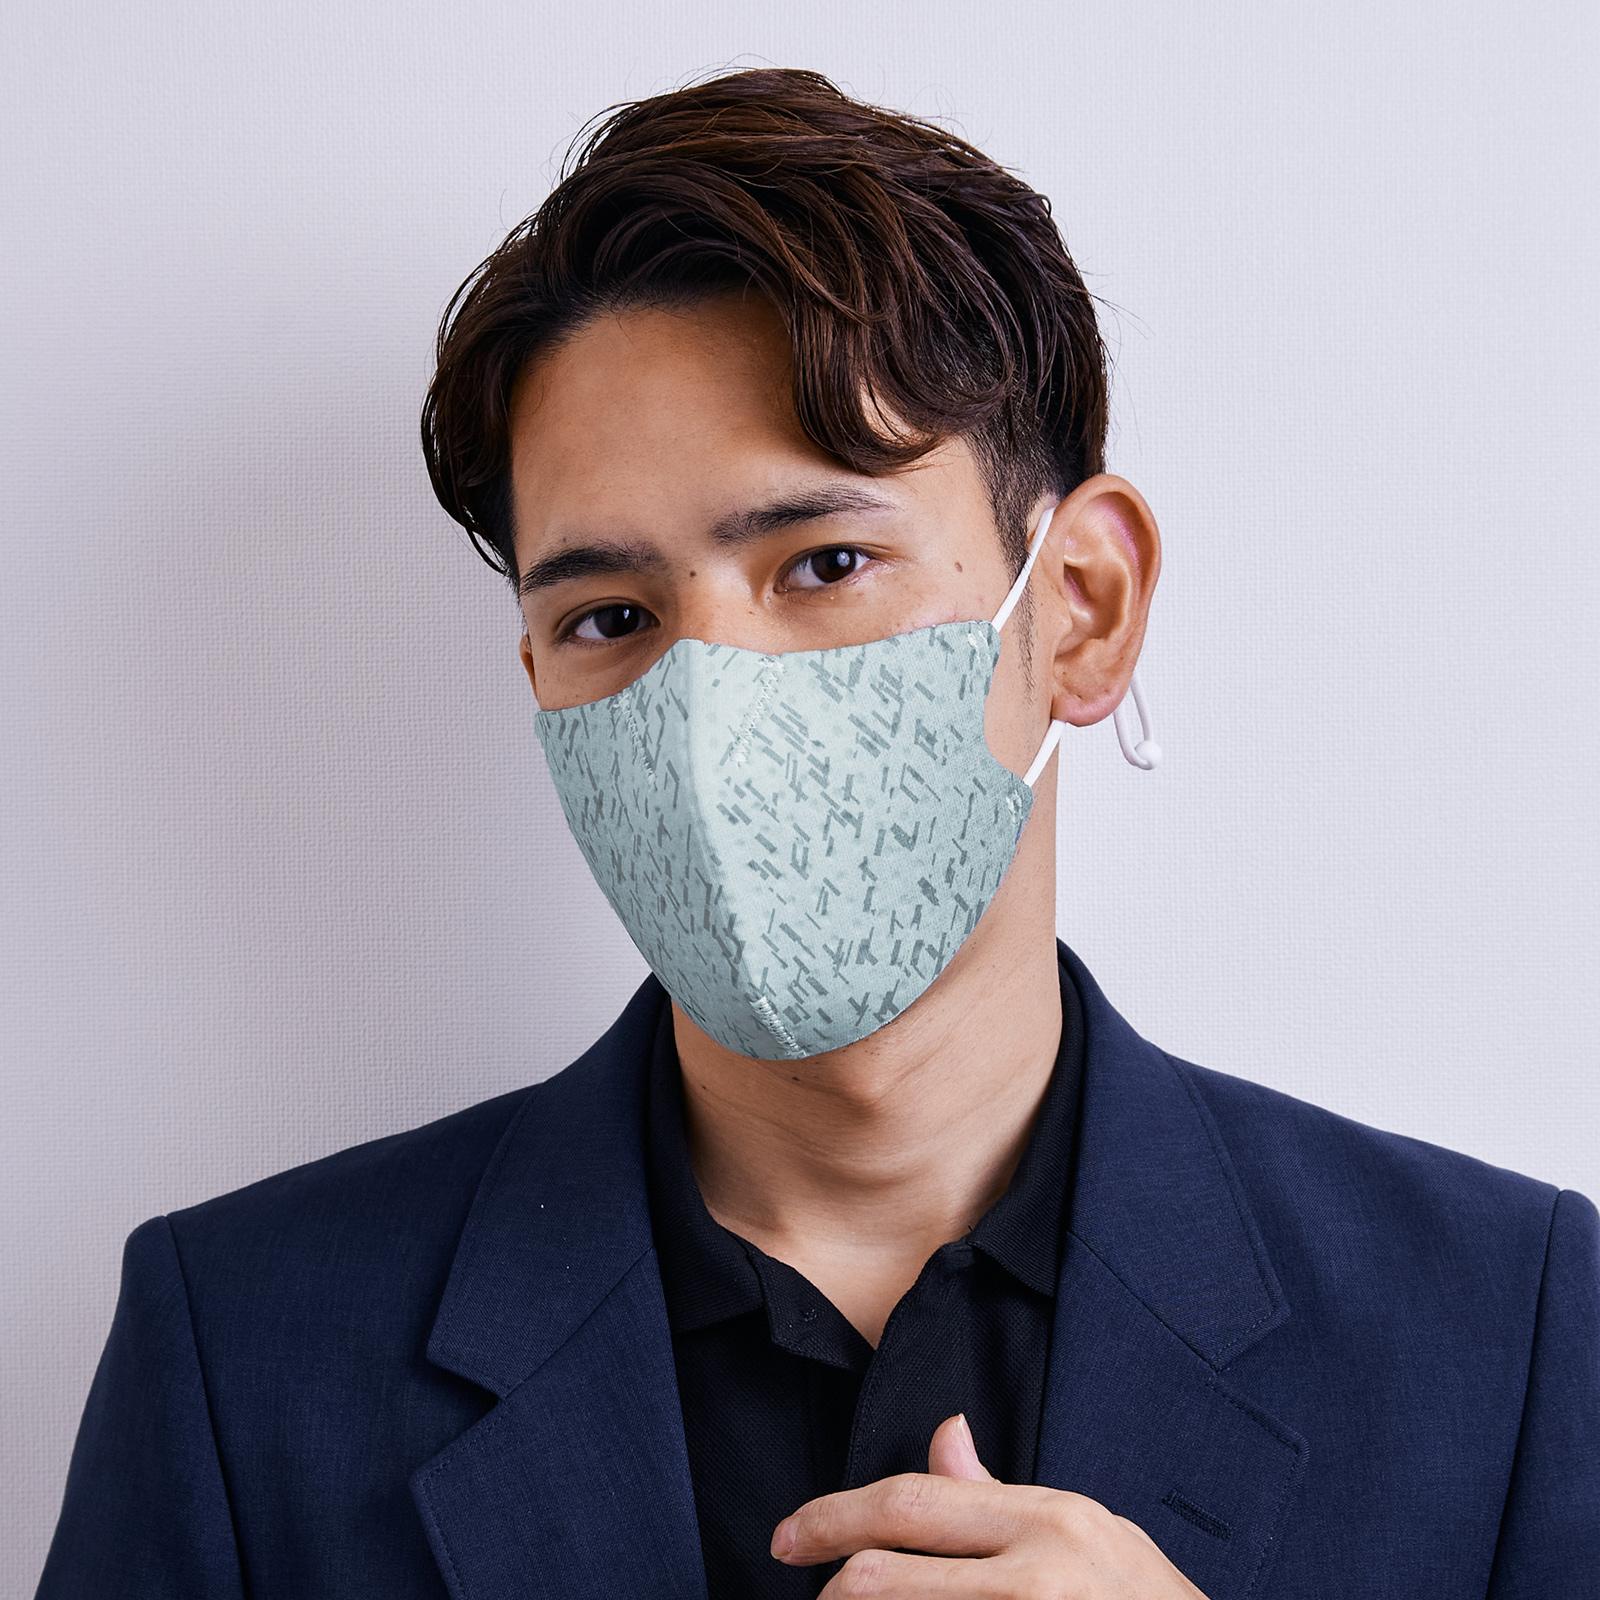 【単色購入】呼吸 Co-que プレミアム  シルバーテクスチャー Lサイズ